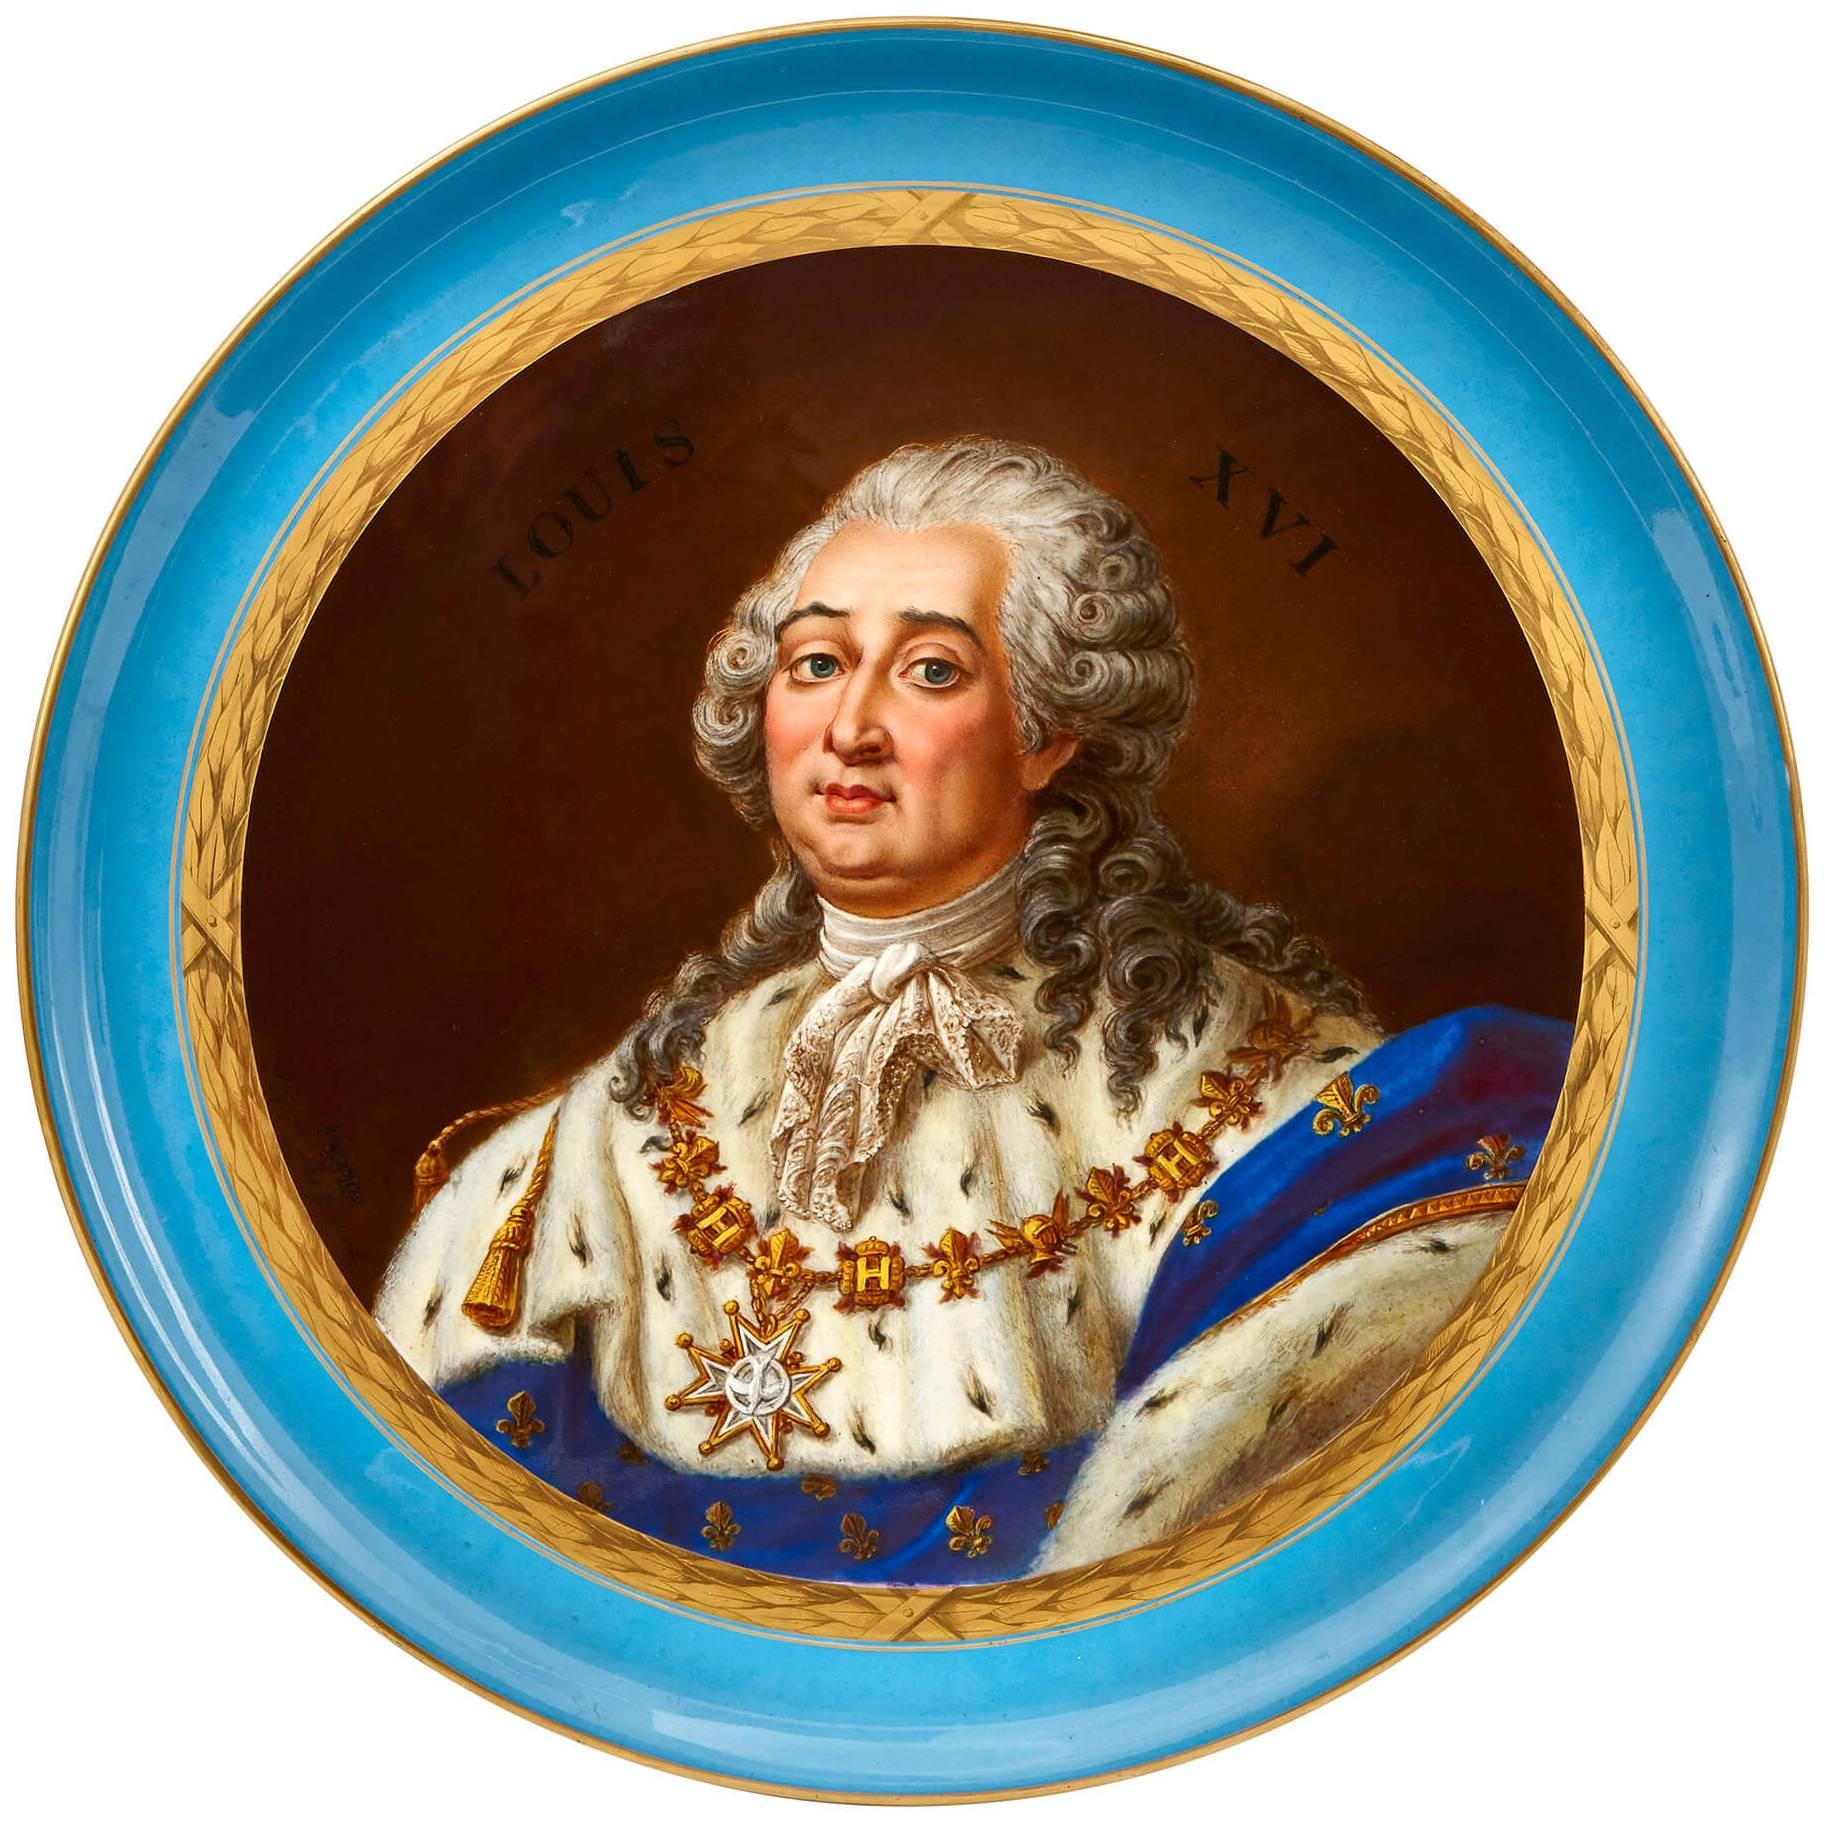 Sèvres Style Porcelain Plate Depicting King Louis XVI